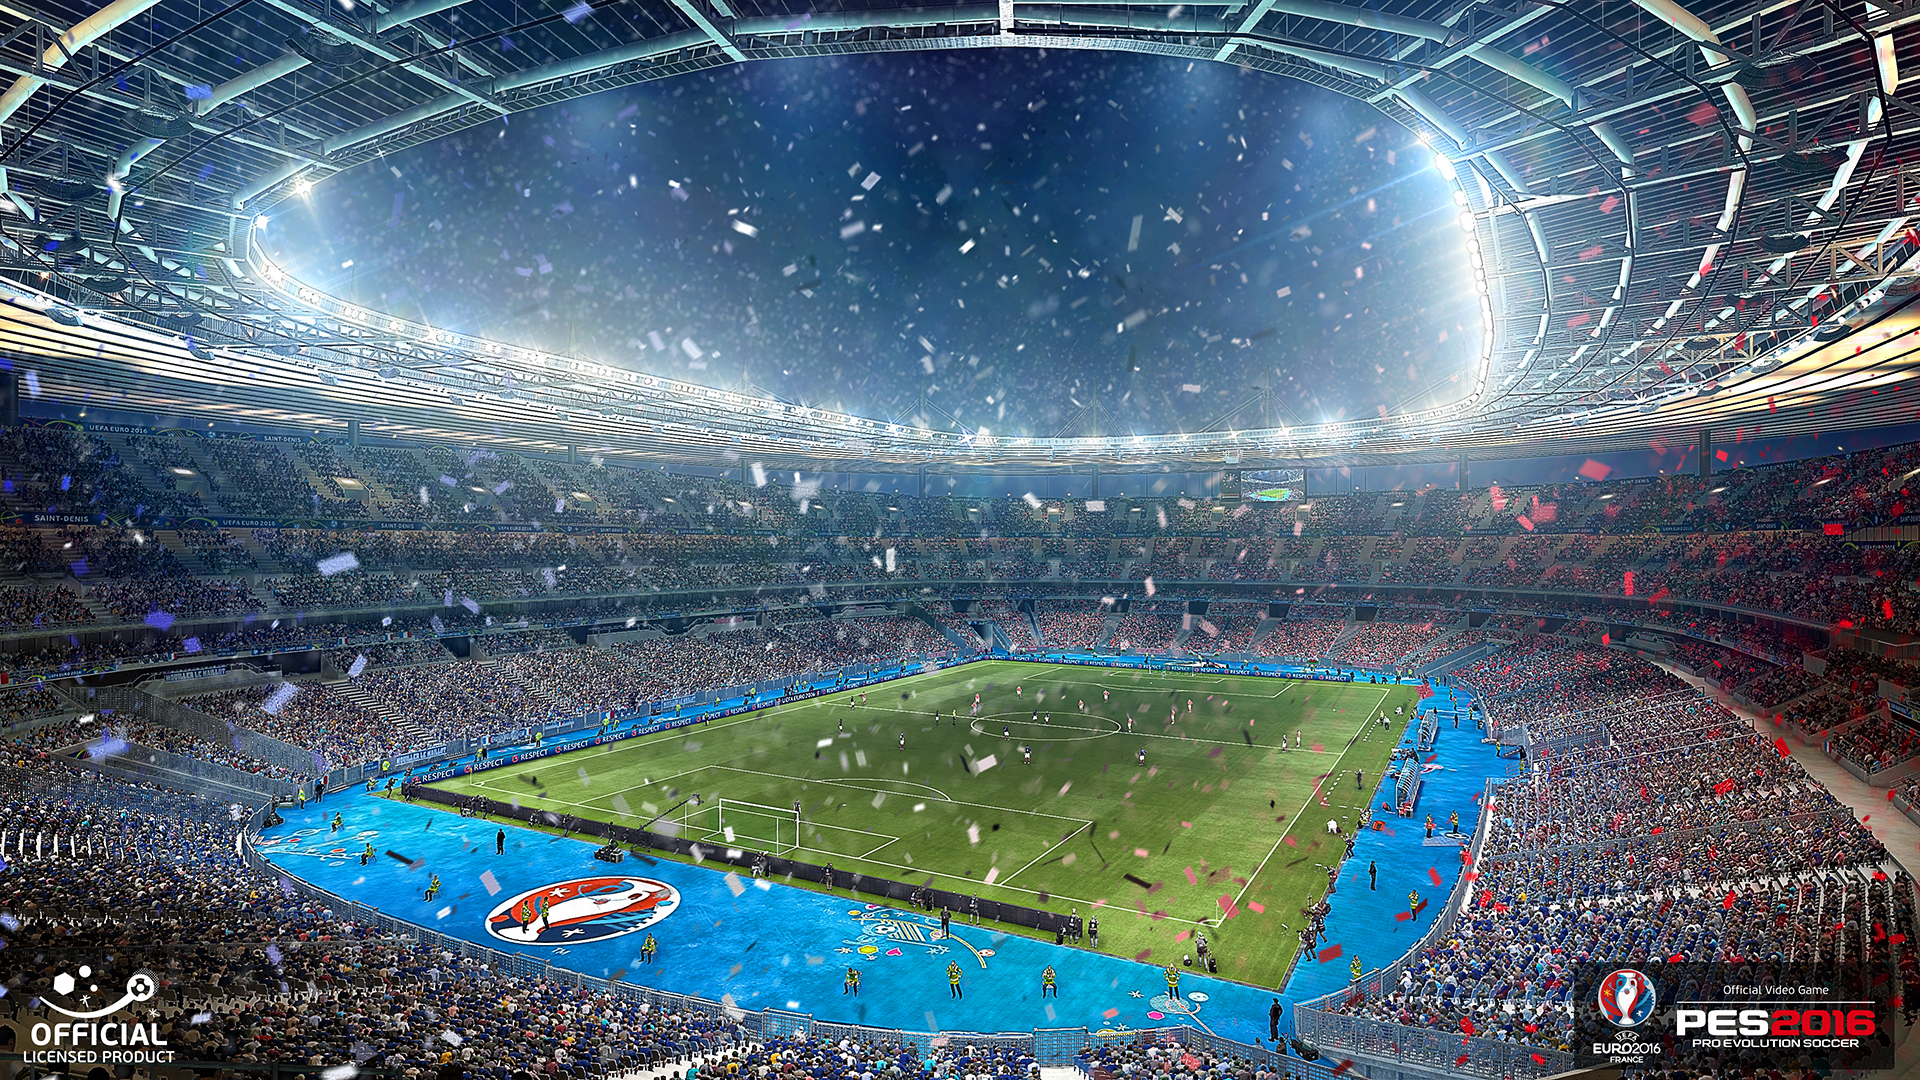 Match De L Euro Calendrier.Calendrier Euro 2016 Pdf Telechargez Le Programme Des Matchs